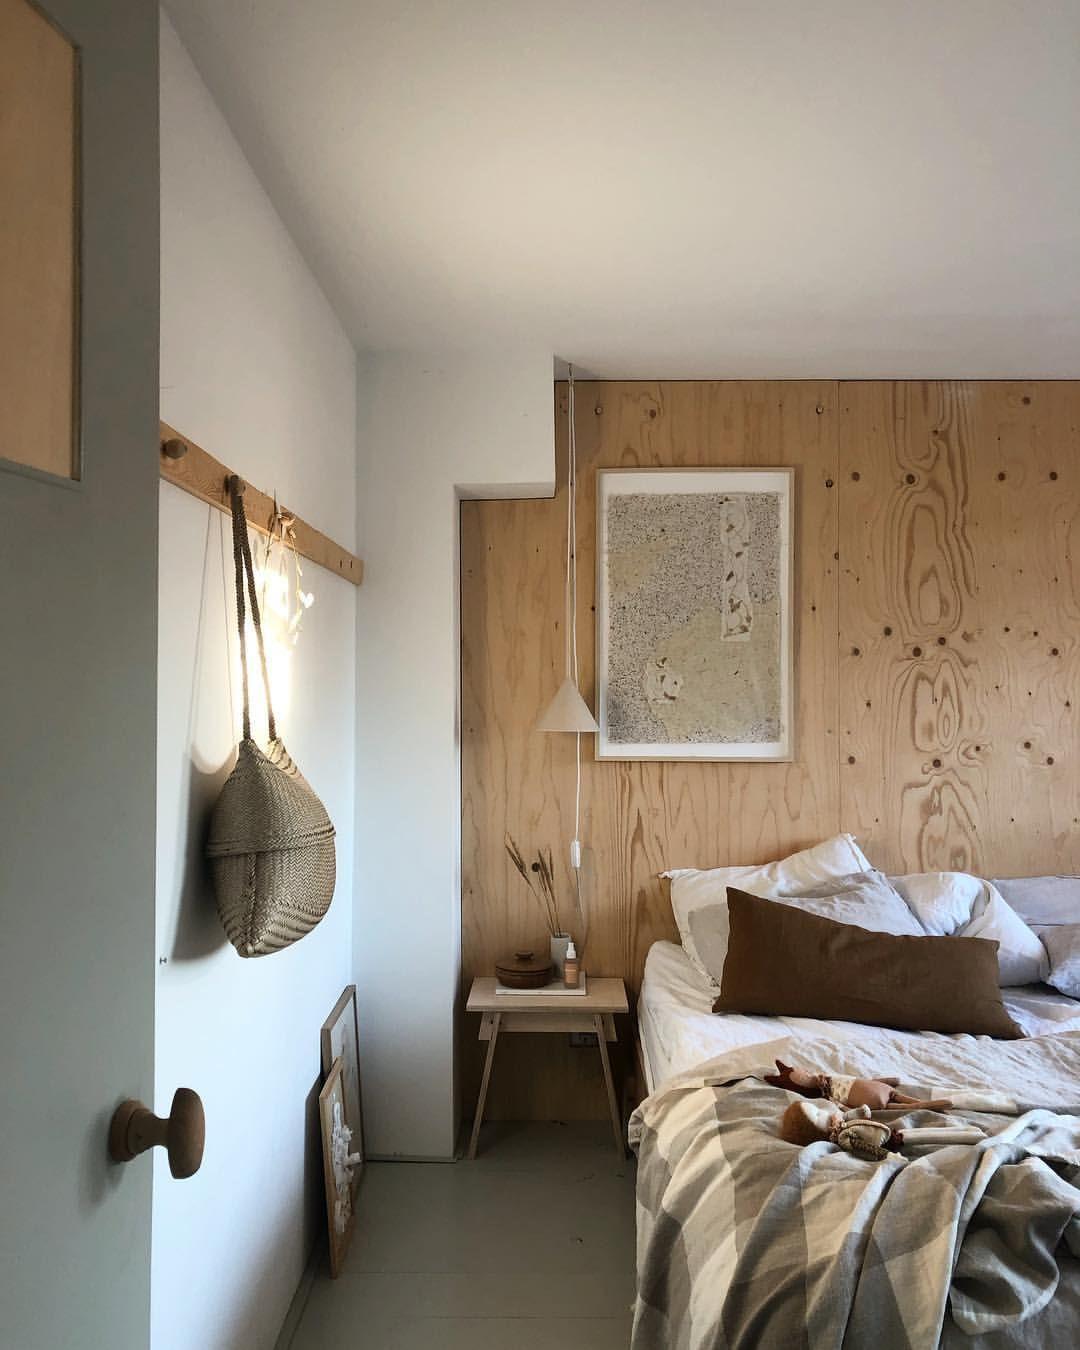 Wandverkleidung aus Holz fürs ein warmes gemütliches